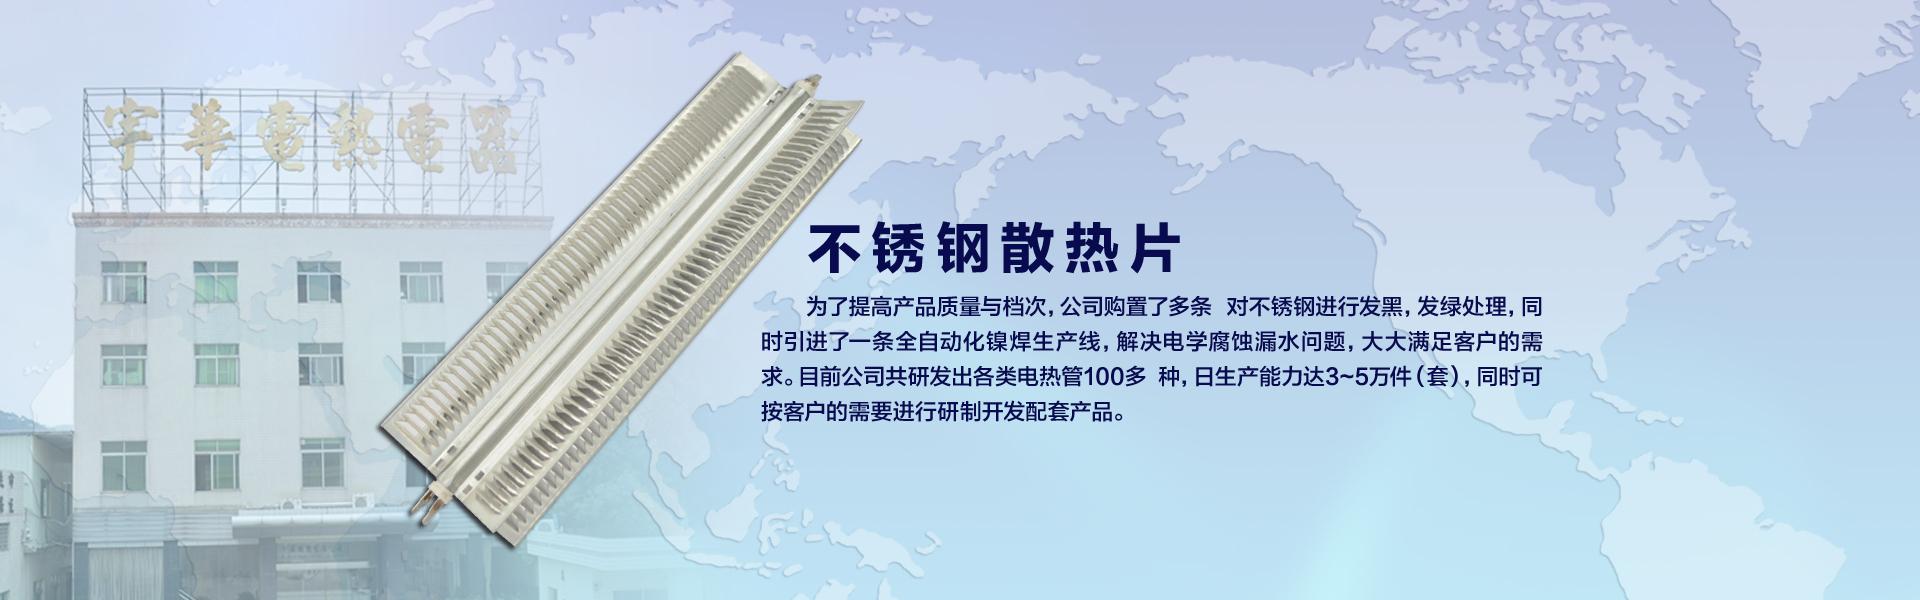 肇慶市宇華電器有限公司專業生產AG娱乐,家用電熱水器,單頭電熱管,不鏽鋼電熱管和不鏽鋼電加熱管。